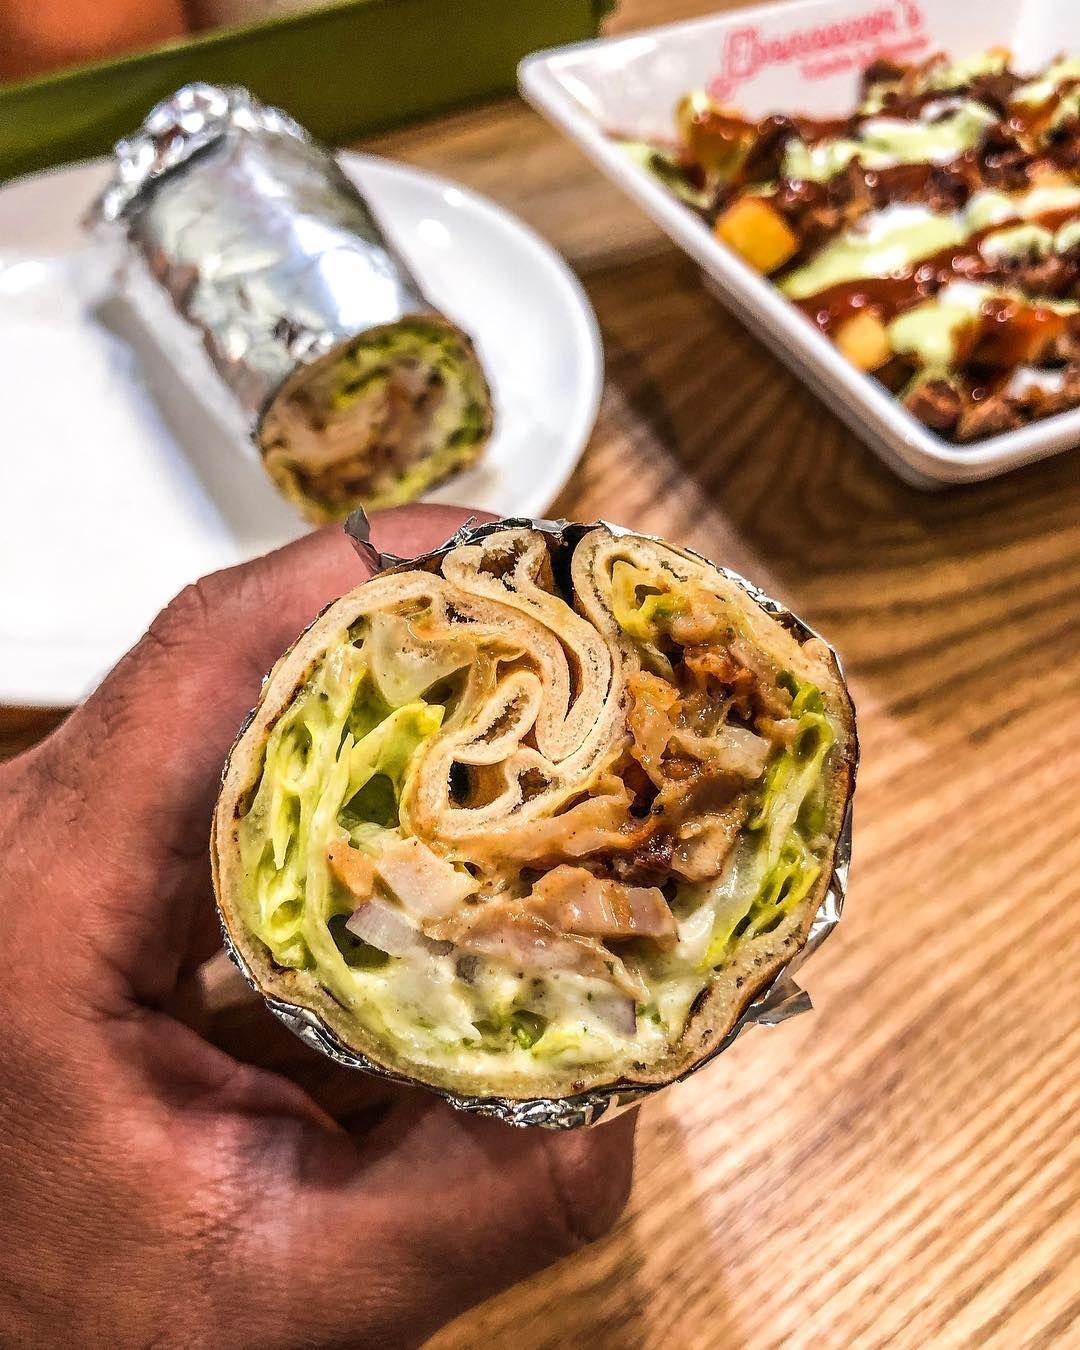 Panduan Terbaik Makanan Halal Di Hong Kong 27 Tempat Makan Ramah Muslim Yang Tidak Boleh Kamu Lewatkan Halal Recipes Food Hong Kong Food